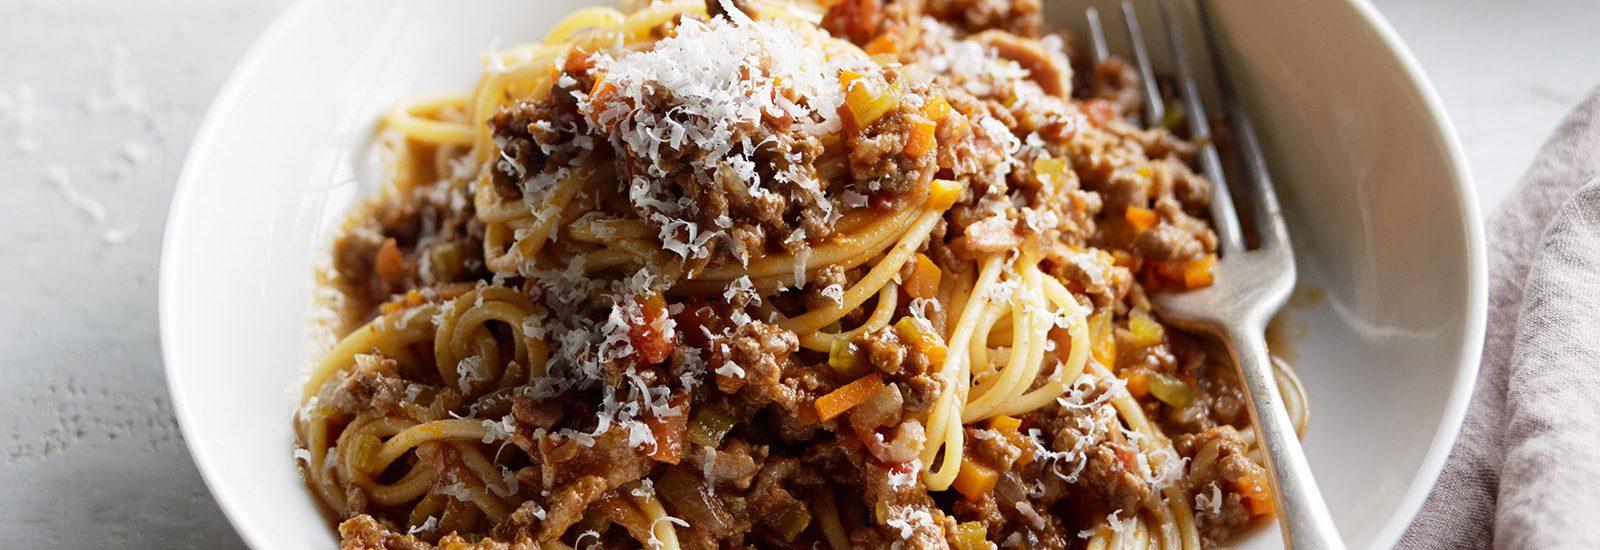 Manu's Spaghetti Bolognese